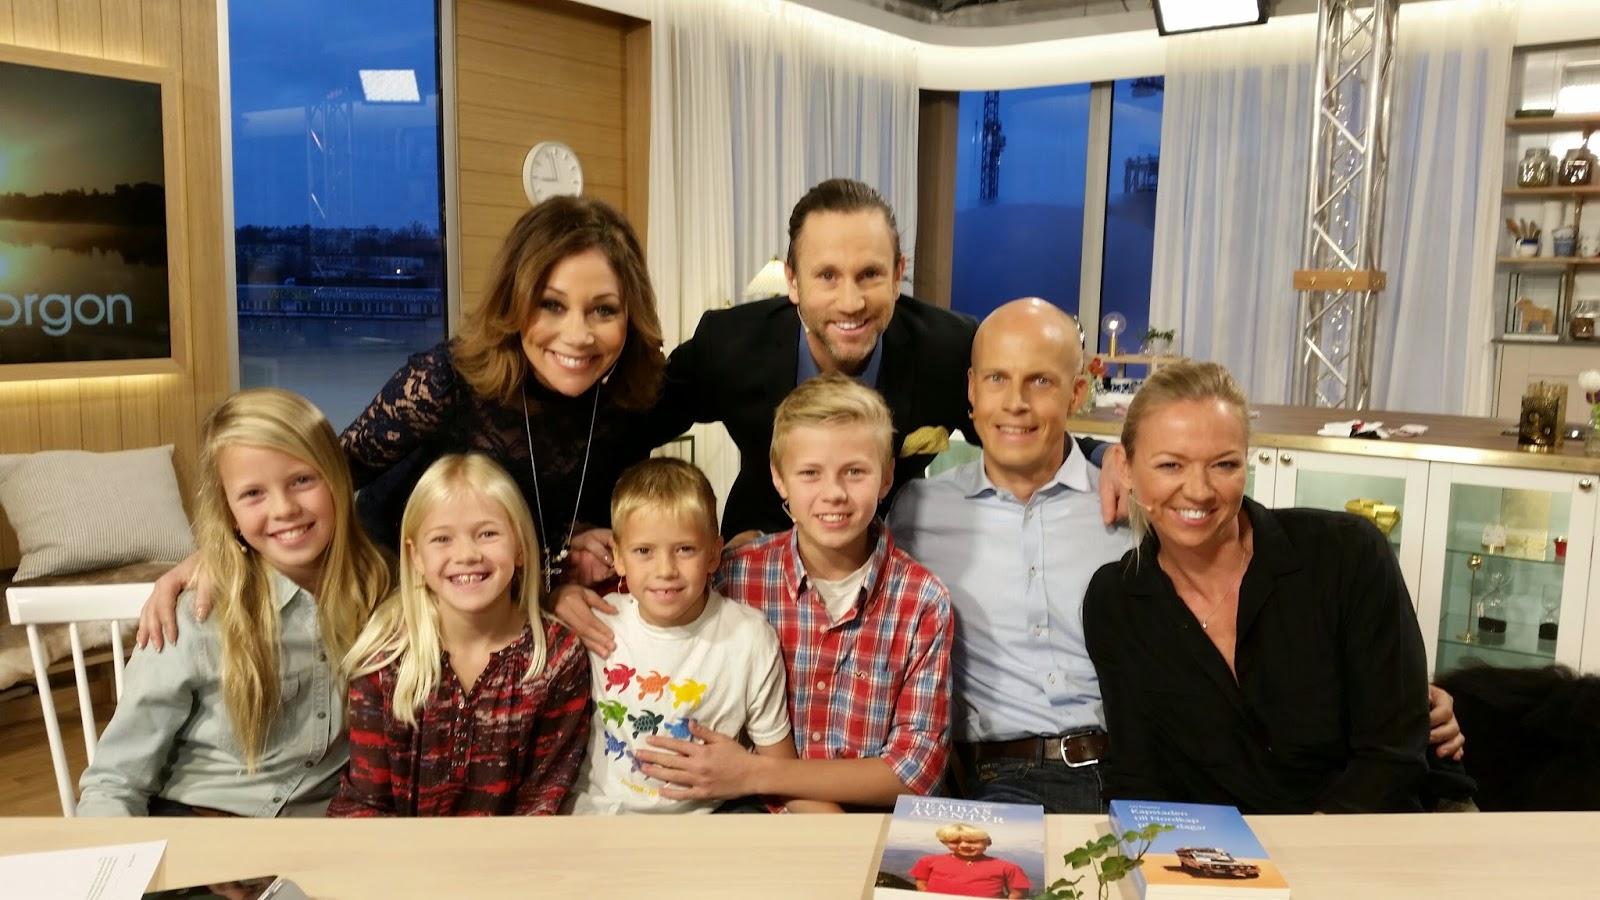 The Ringdahl Family: 20 January 2015 - The Ringdahl family